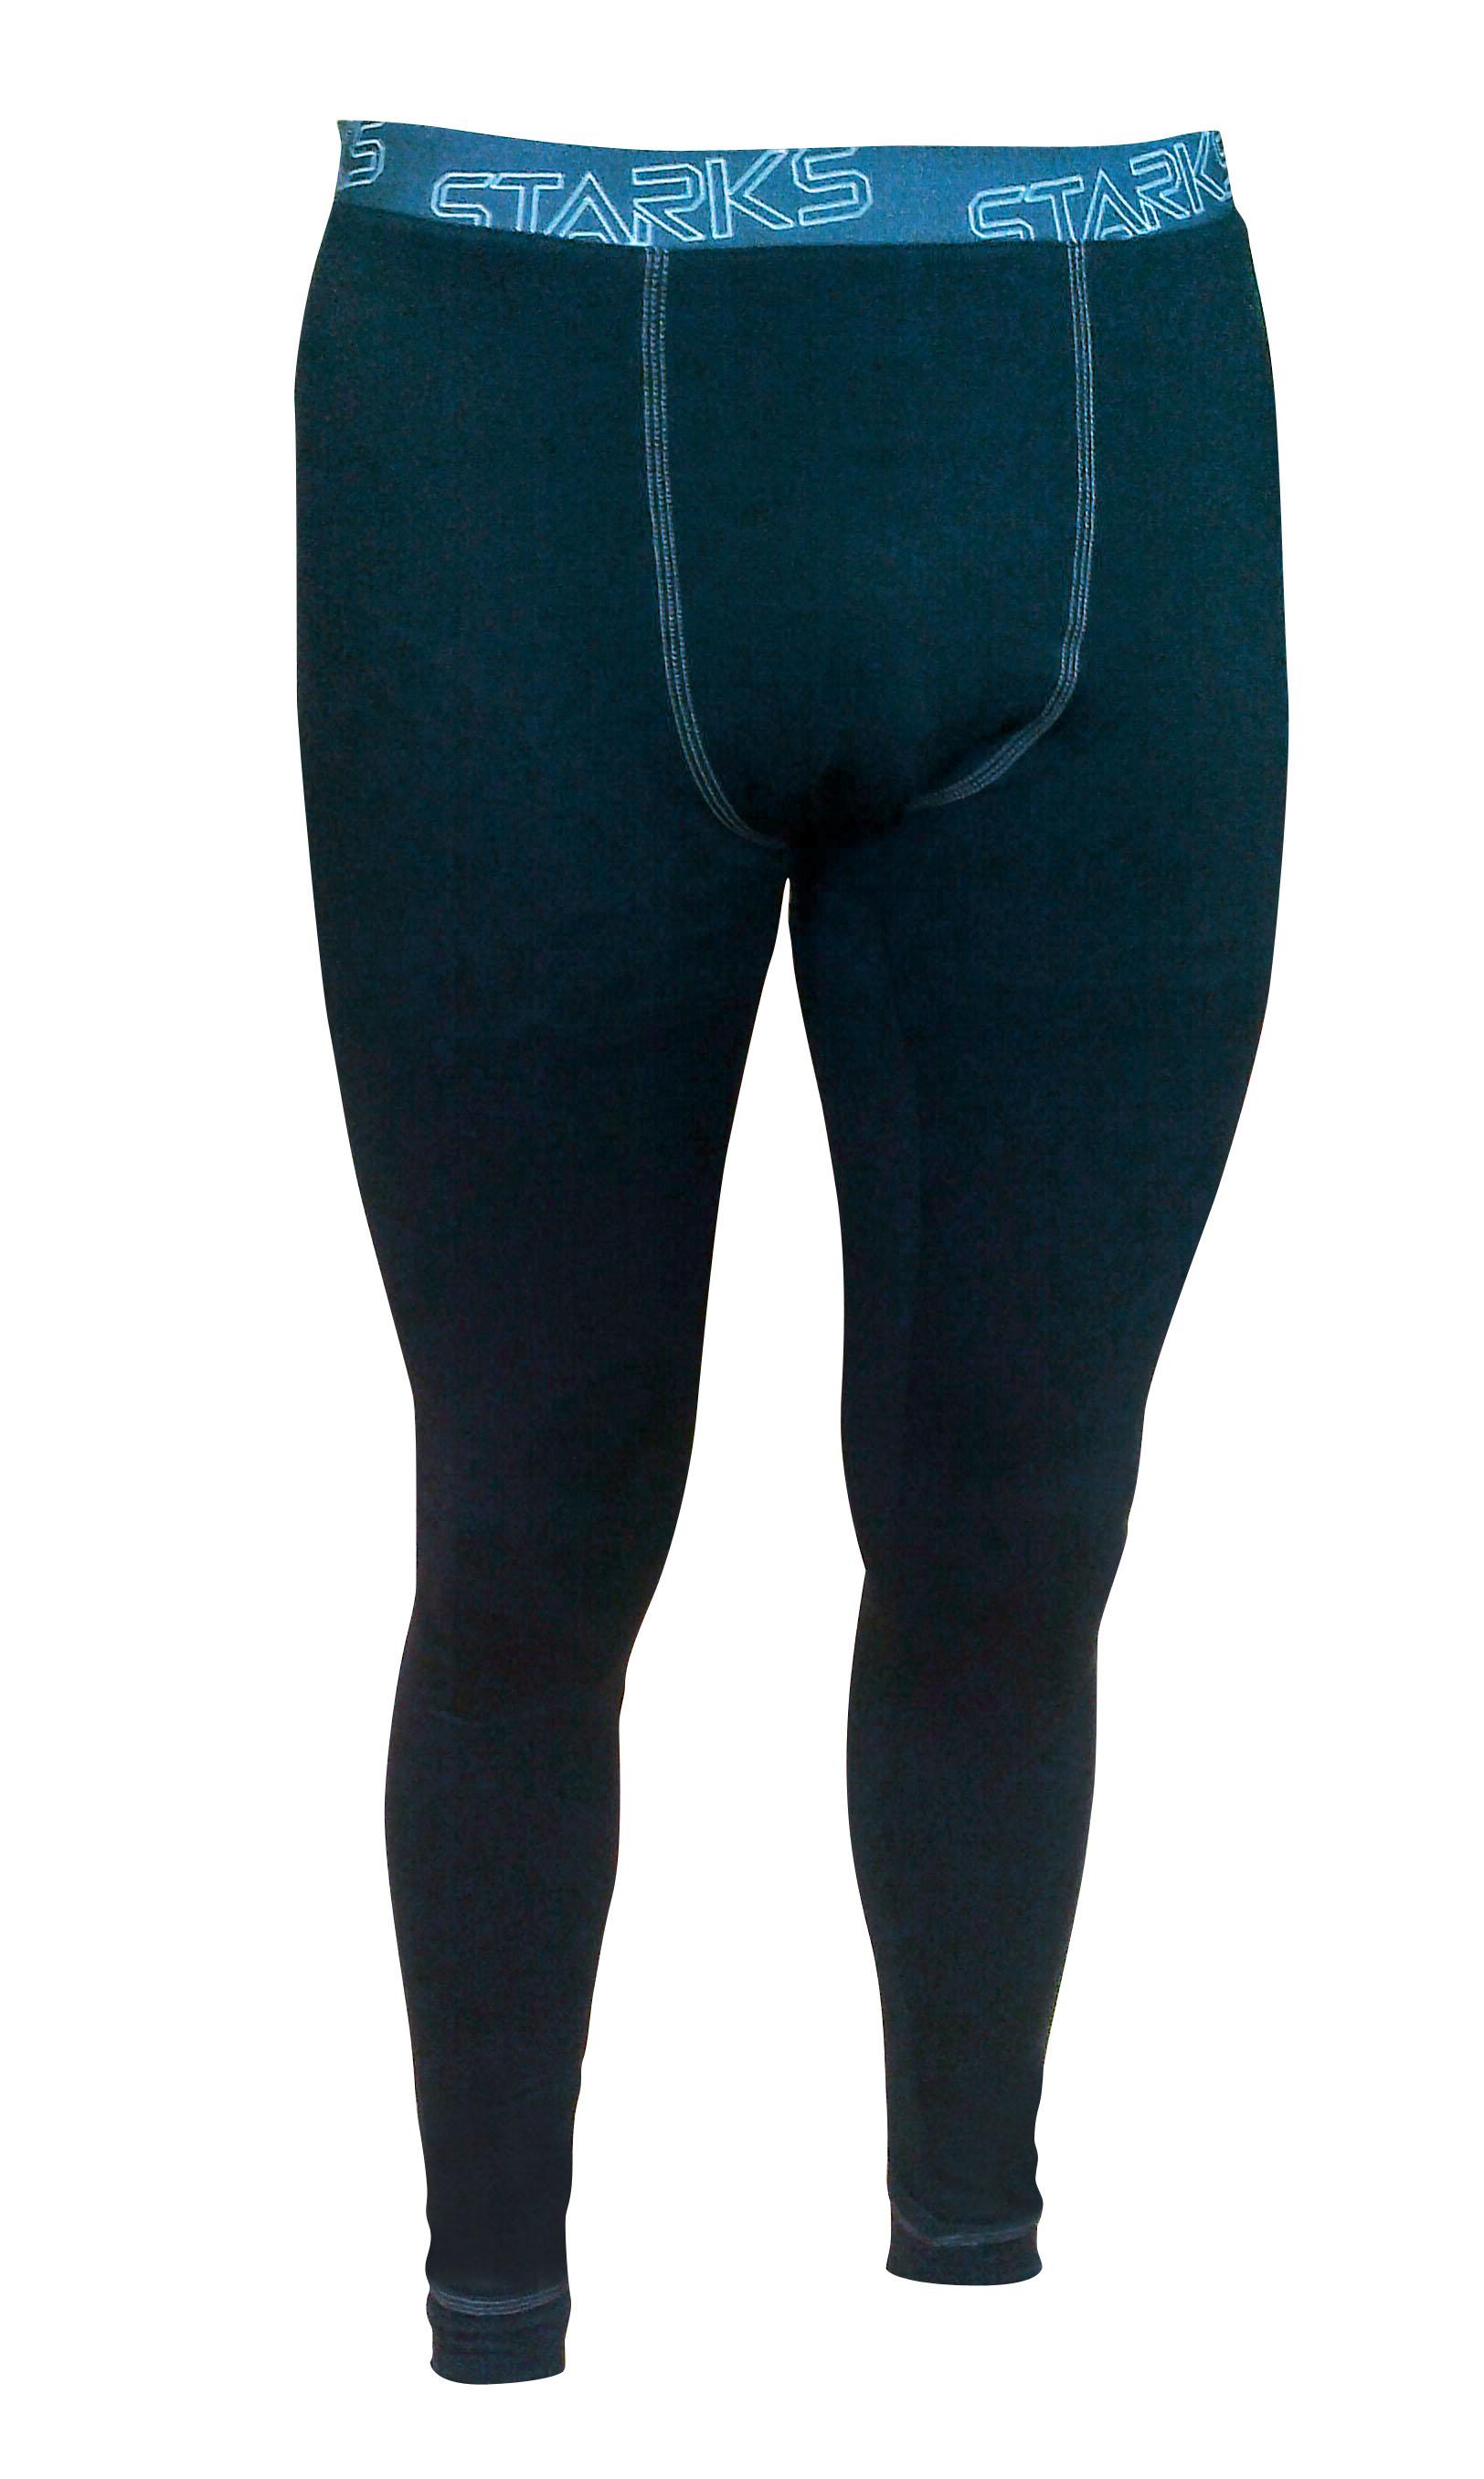 """Термобелье брюки мужские Starks """"Warm"""", зимние, цвет: черный. Размер S"""